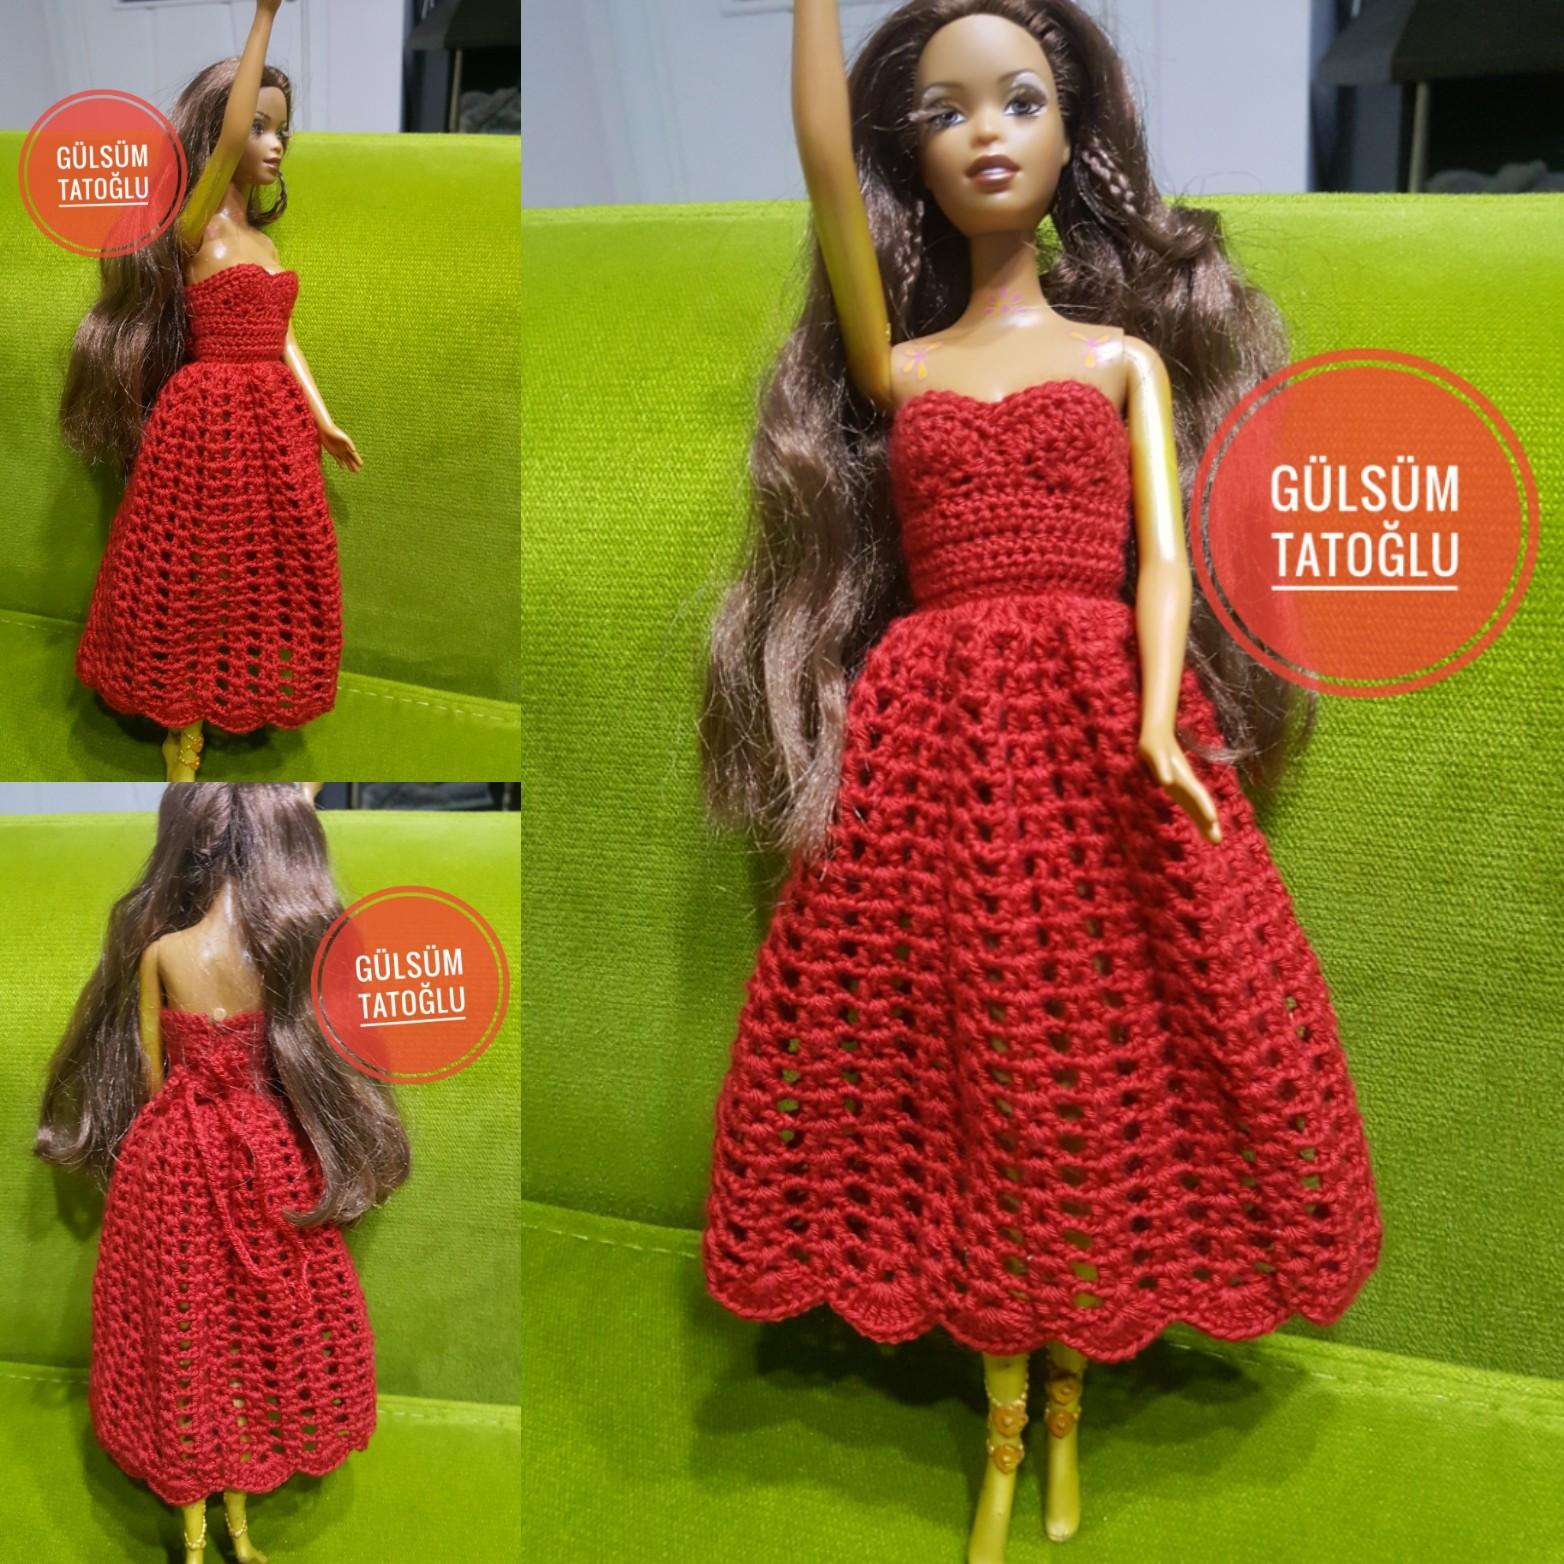 BARBİE BEBEKLER İÇİN ÖRGÜDEN KOLAY ELBİSE YAPIMI #barbie, #barbiedresses, #barbibebekelbisesi